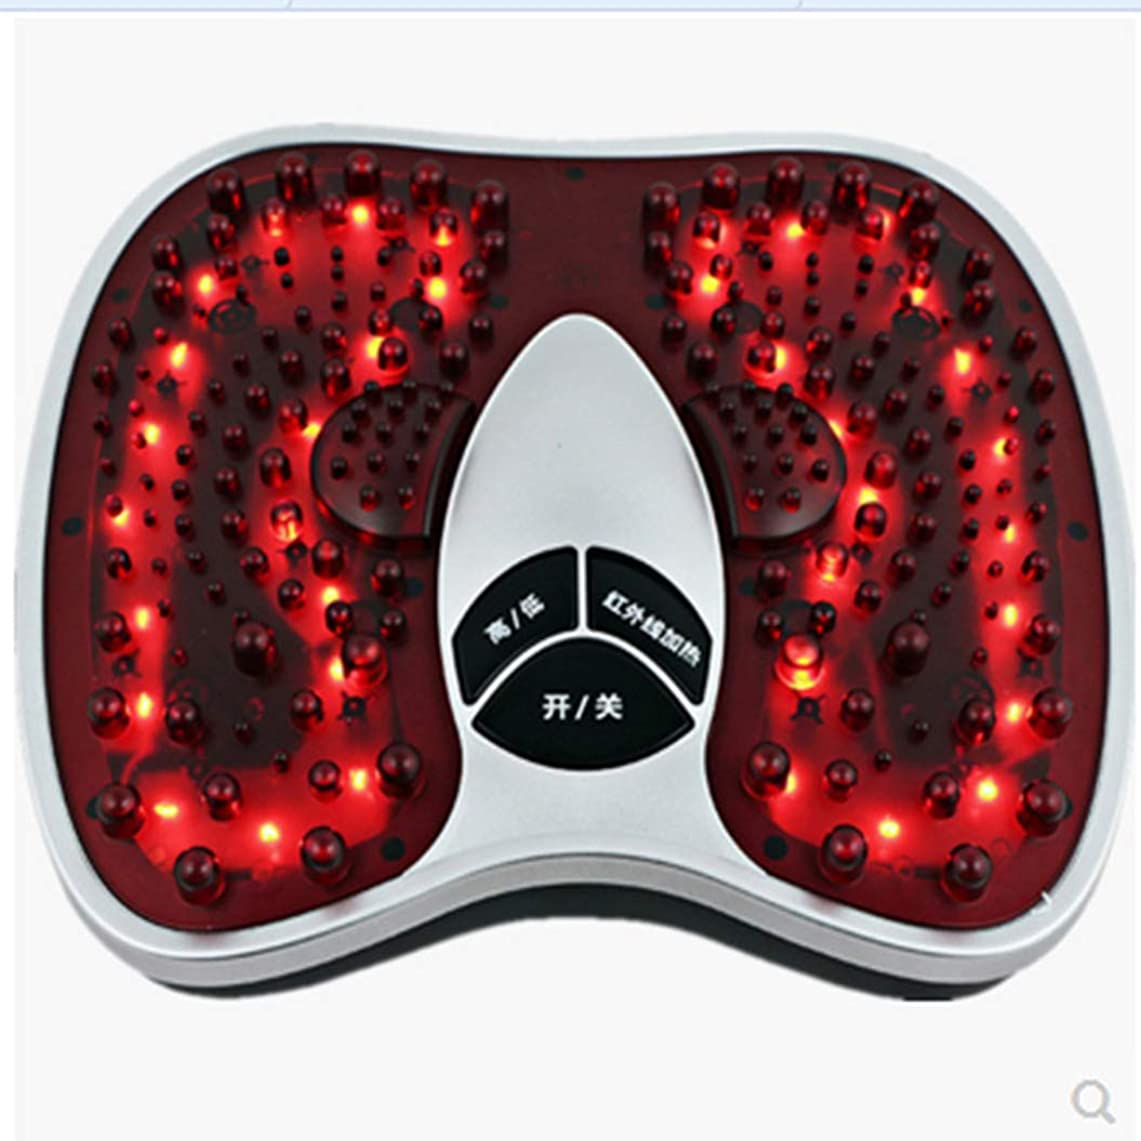 弱点偉業転用電気の 足マッサージ、熱の改善、循環の改善、202マッサージヘッドのf、硬い筋肉の柔らかさ、鎮痛トリートメント 人間工学的デザイン, red